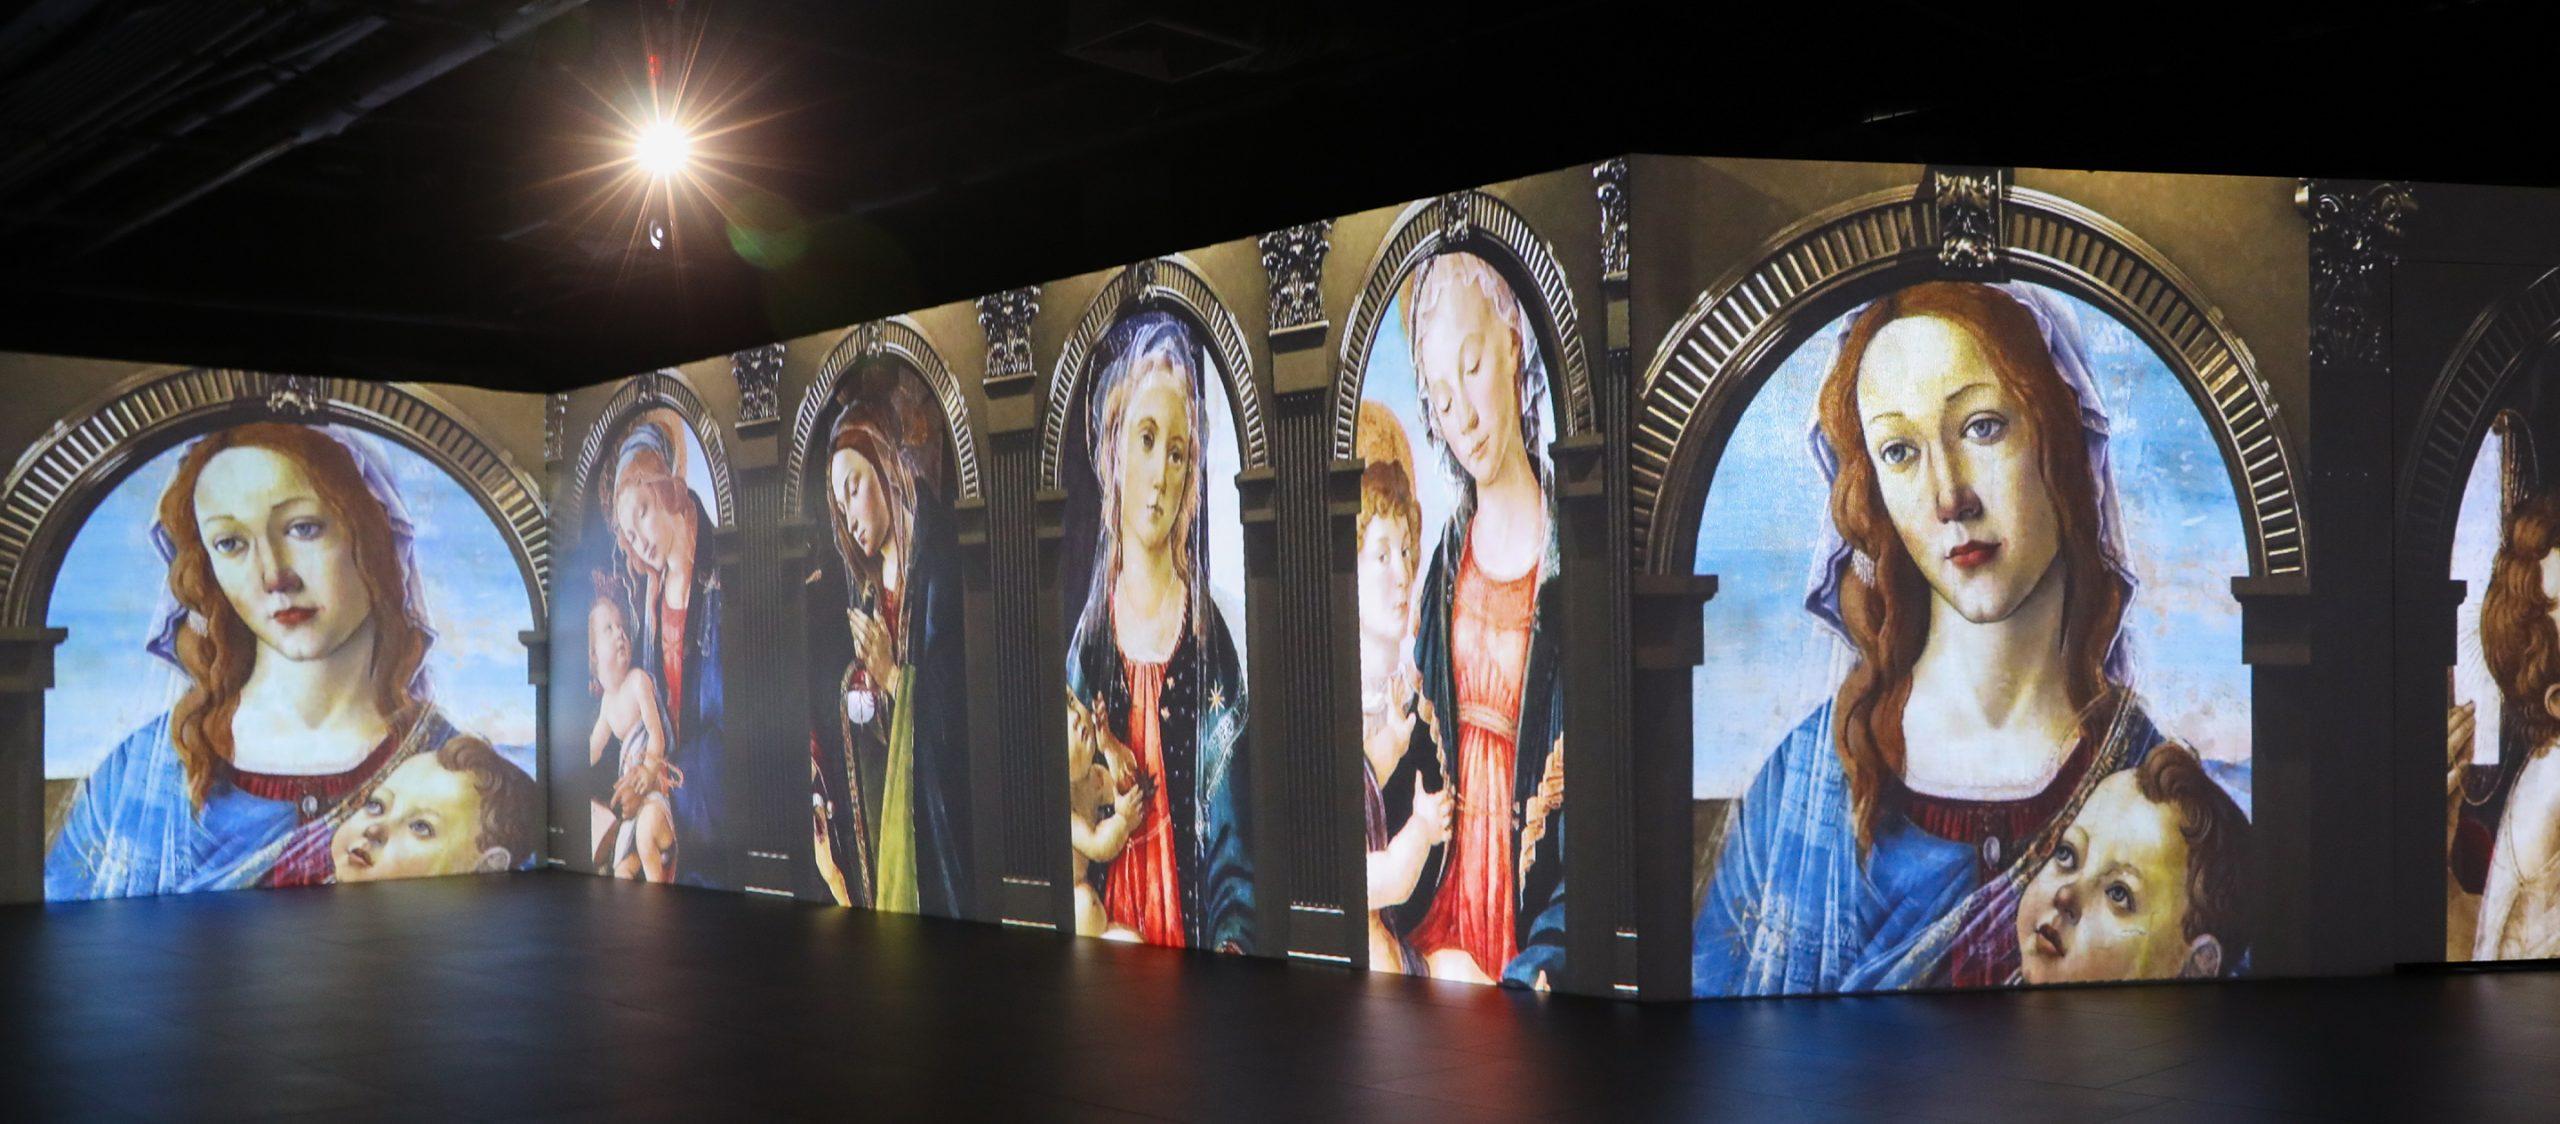 รู้จัก 4 ศิลปินเอกของอิตาลีก่อนตามไปดูนิทรรศการมัลติมีเดีย Italian Renaissance